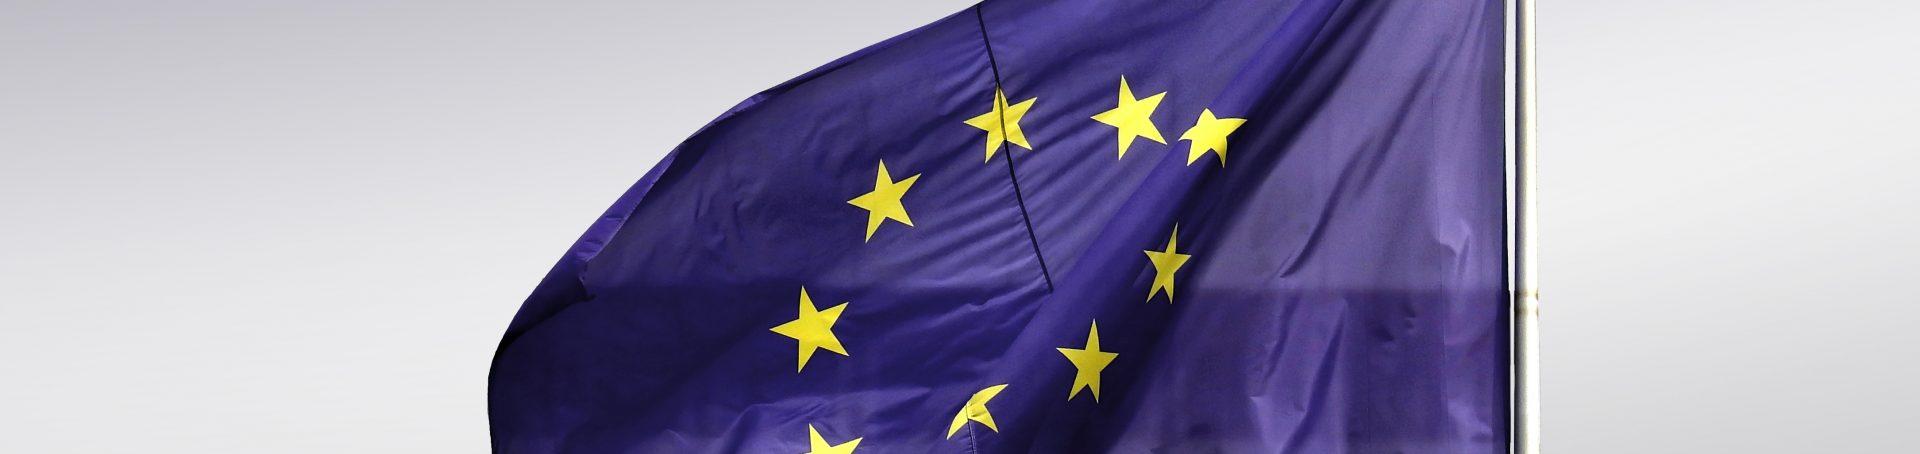 uniao europeia